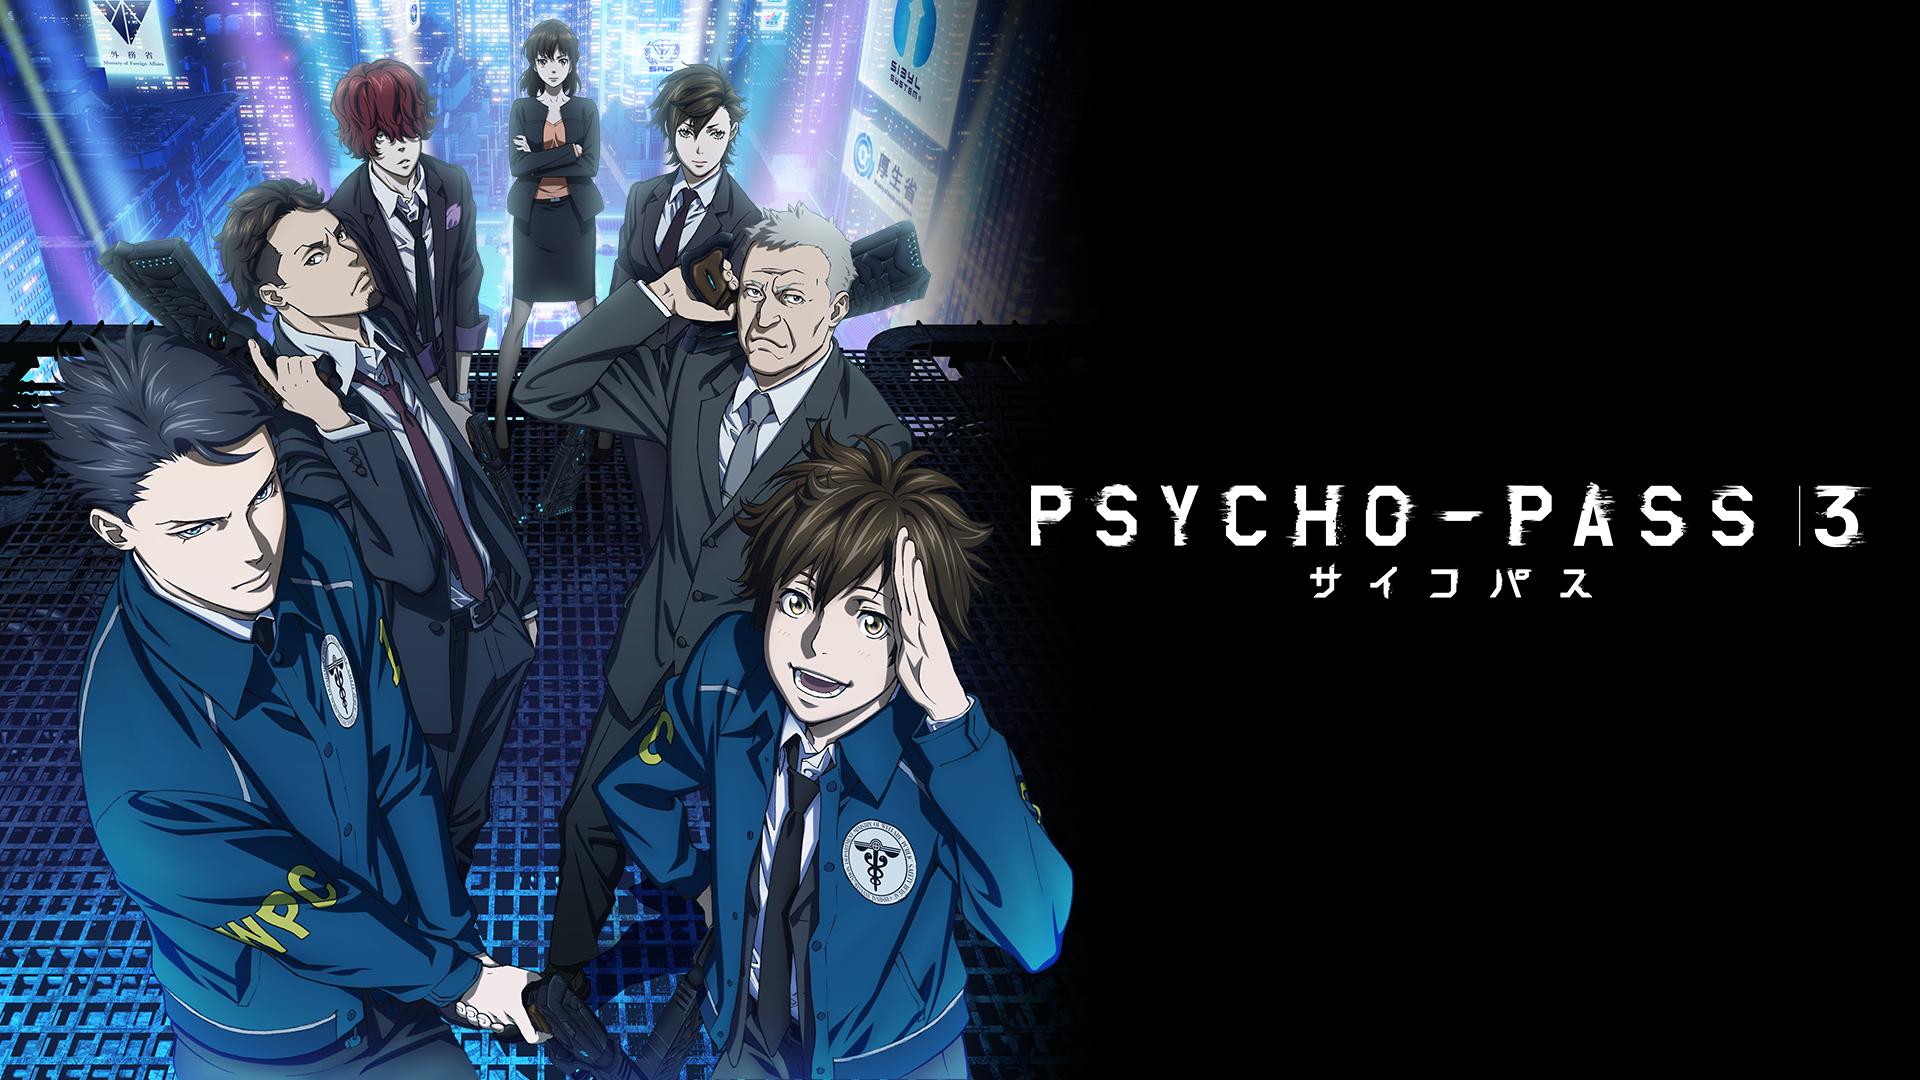 アニメ『PSYCHO-PASS サイコパス 3』無料動画まとめ!1話から最終回を見逃しフル視聴できるサイトは?